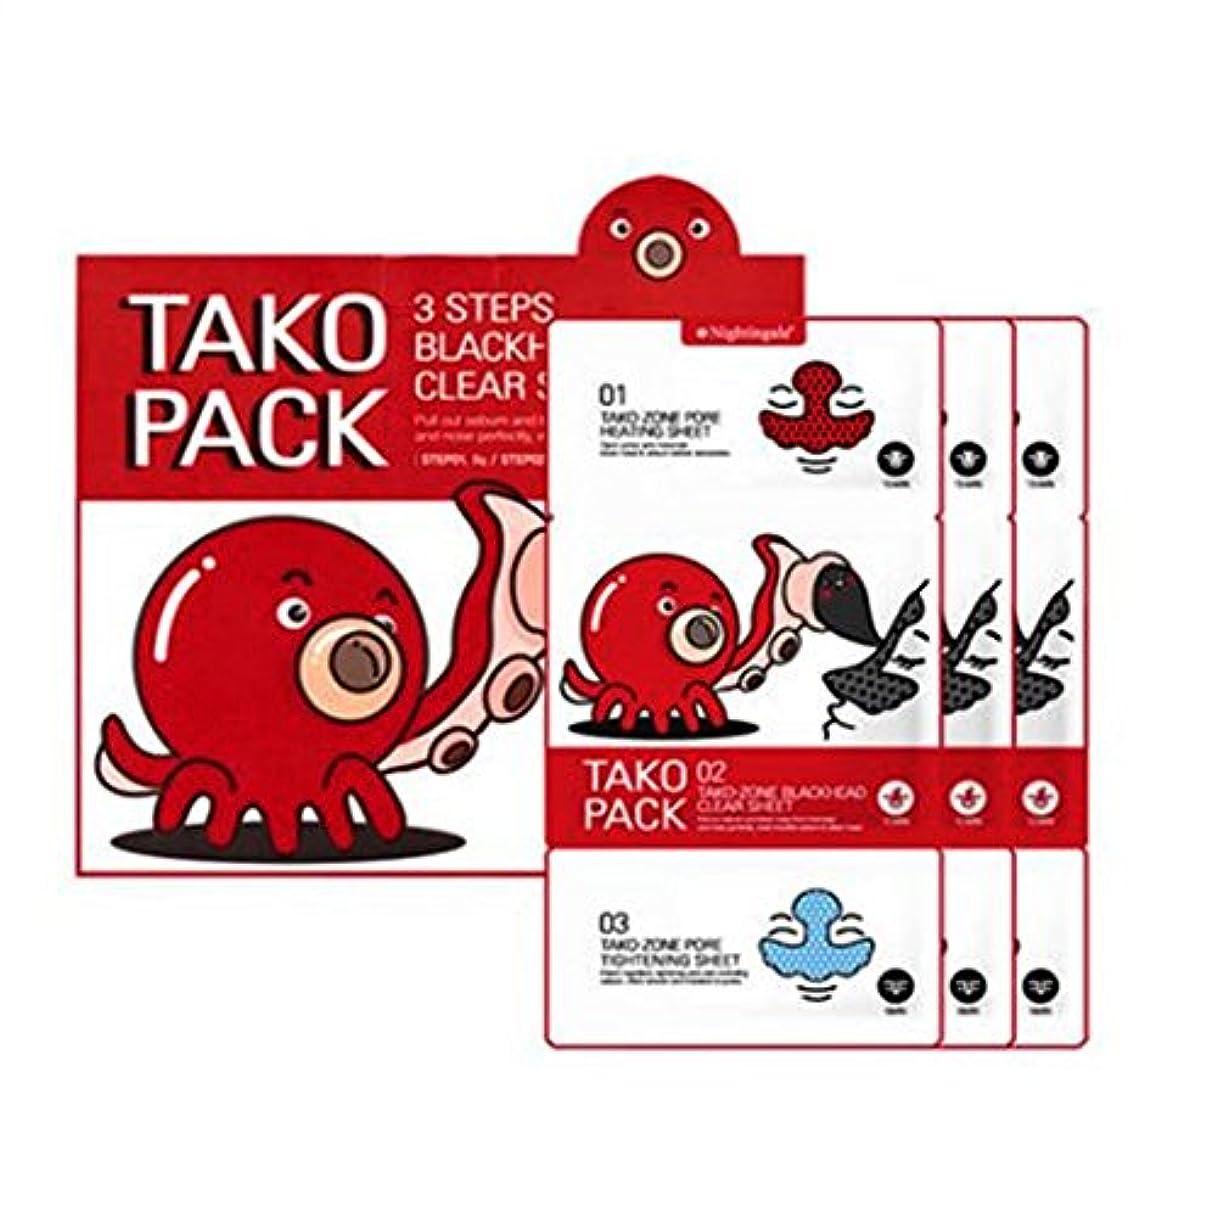 責火山学者バタフライNightingale 3Step Tako Pack 3EA/ナイチンゲール 3ステップ タコ パック [タコ吸着パック] 3回分 [並行輸入品]